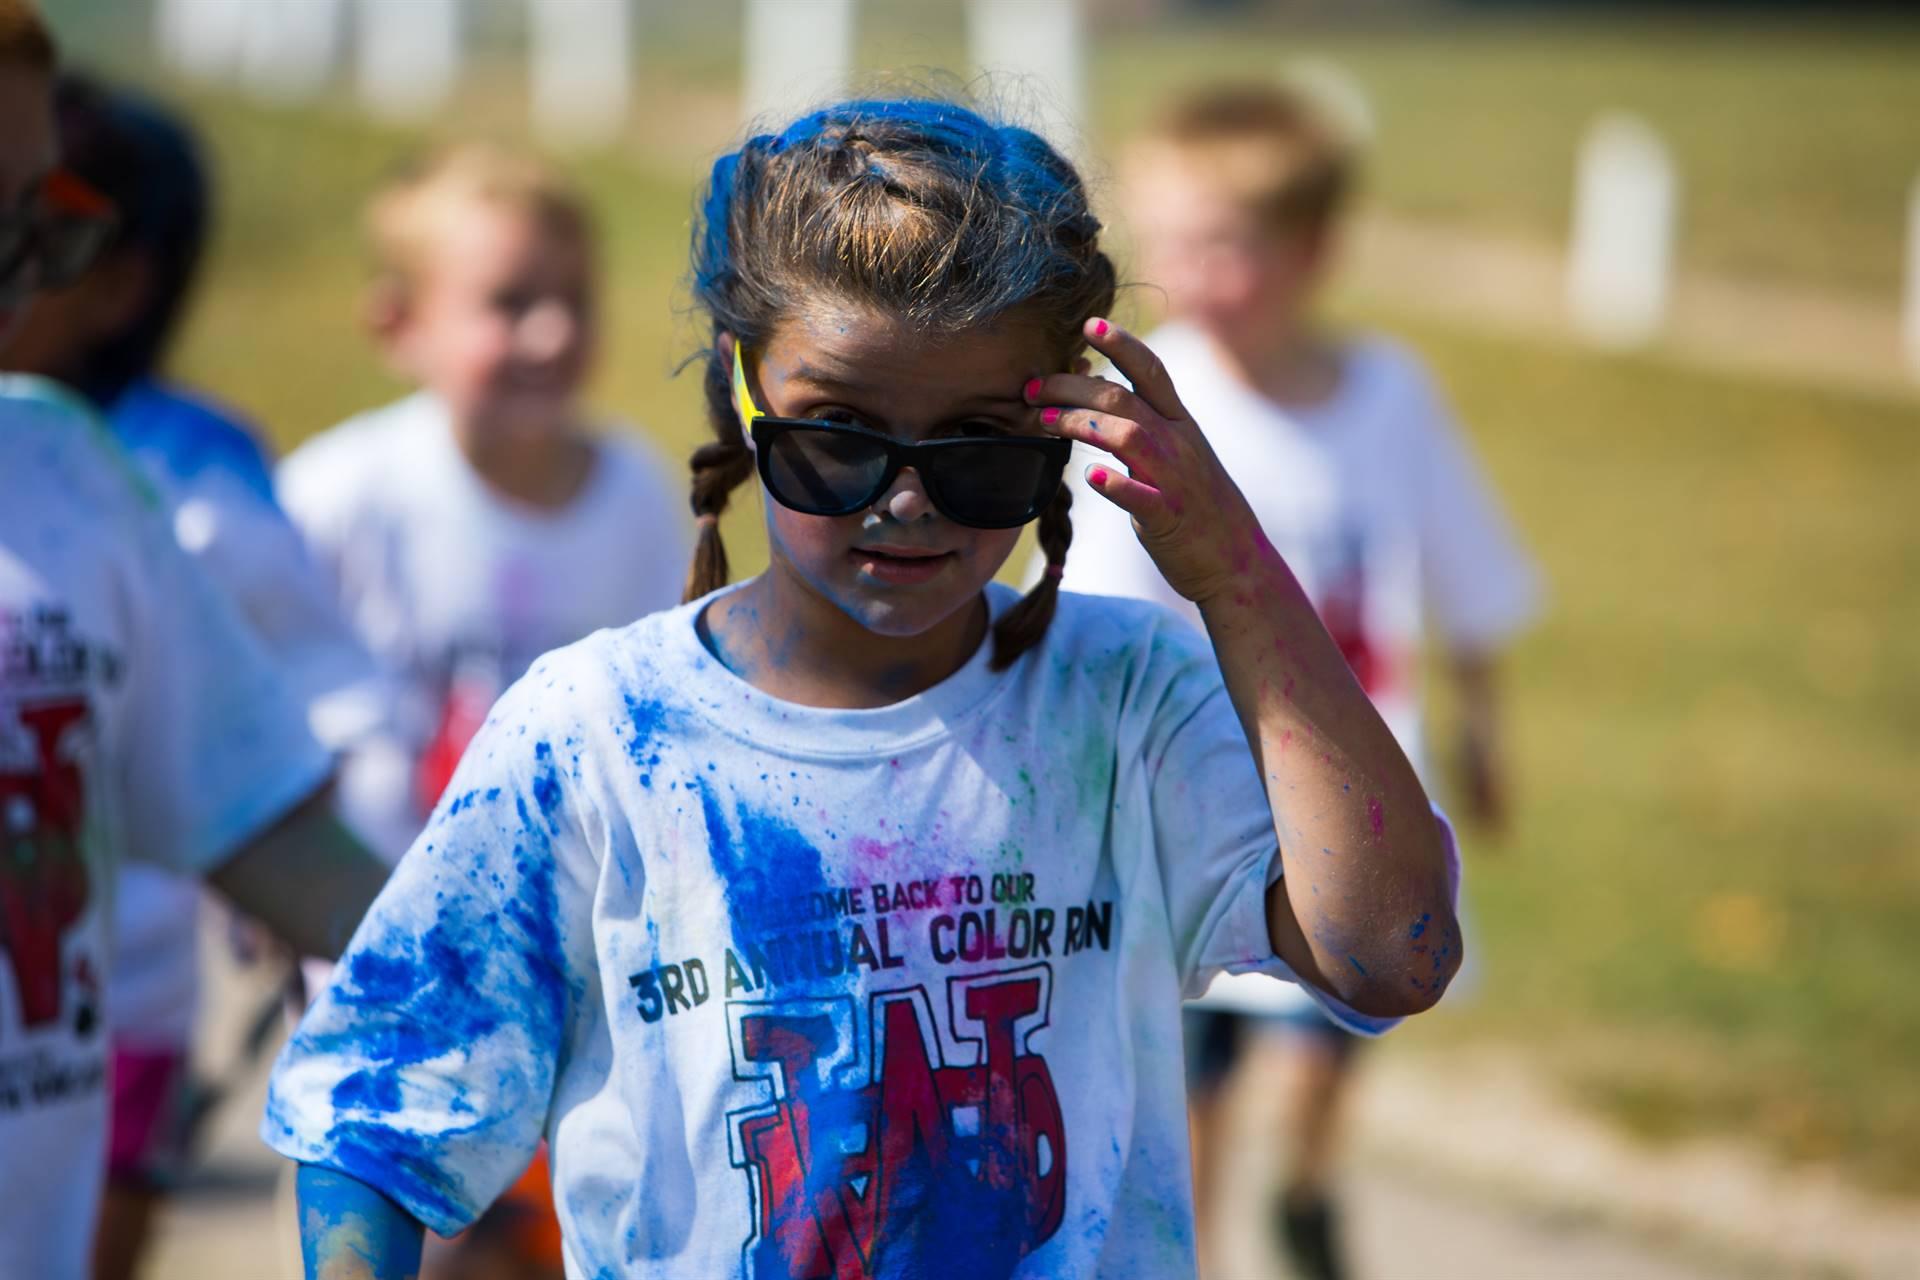 Girl 13 at color run